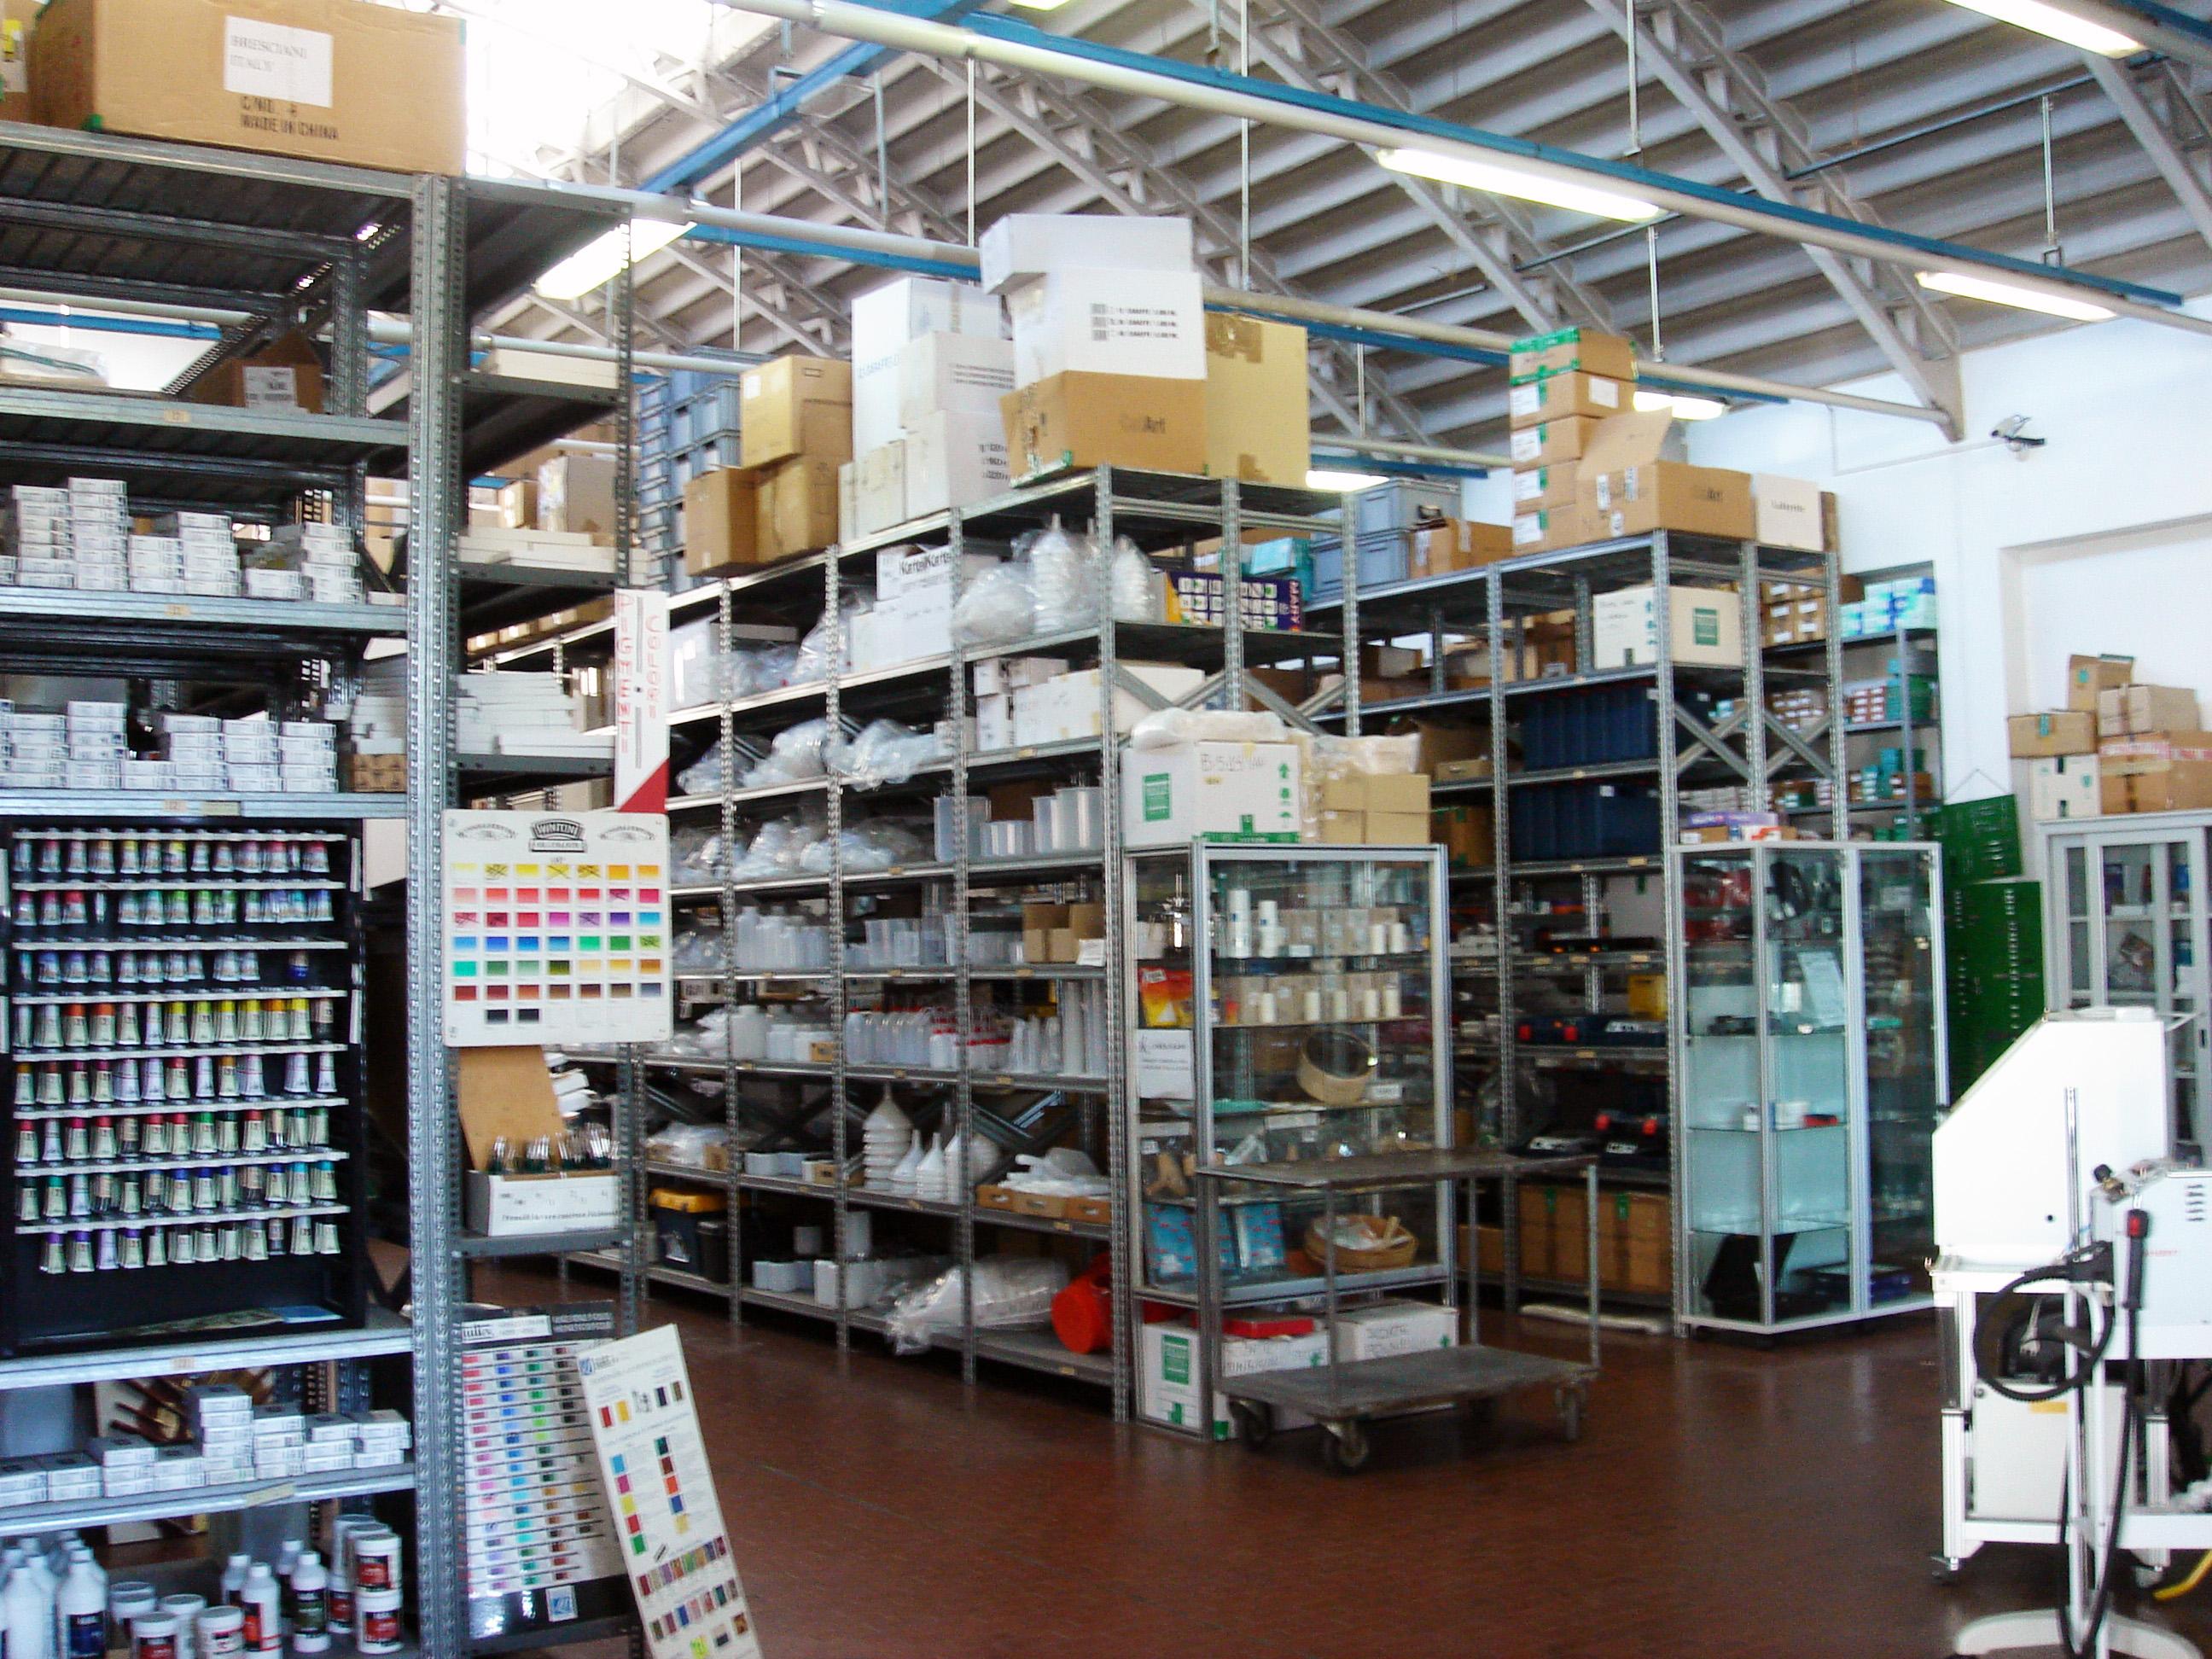 株式会社パレットにて取り扱う商品の一部。必要なものを適量に揃えることができる / 仕入れ先のひとつ、イタリア・ミラノにあるお店。